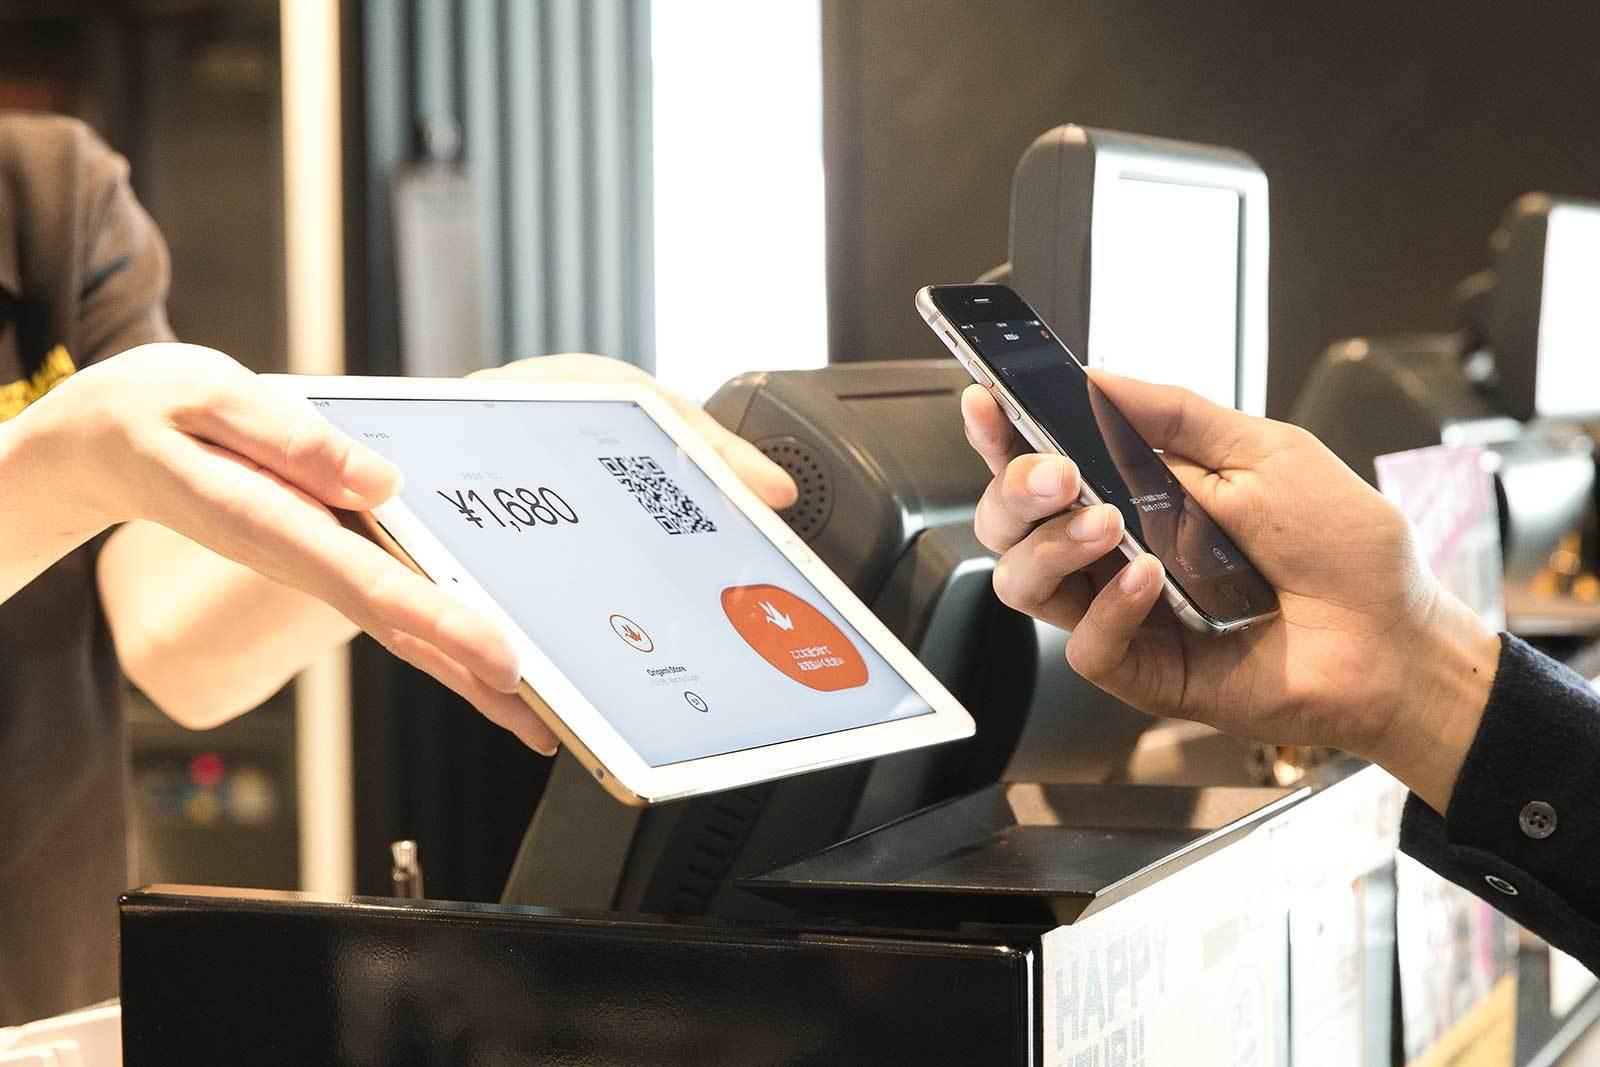 【iOS】O2Oでビジネスと消費者をつなぐスマホ決済プラットフォーム「Origami」のアプリ開発者を募集!